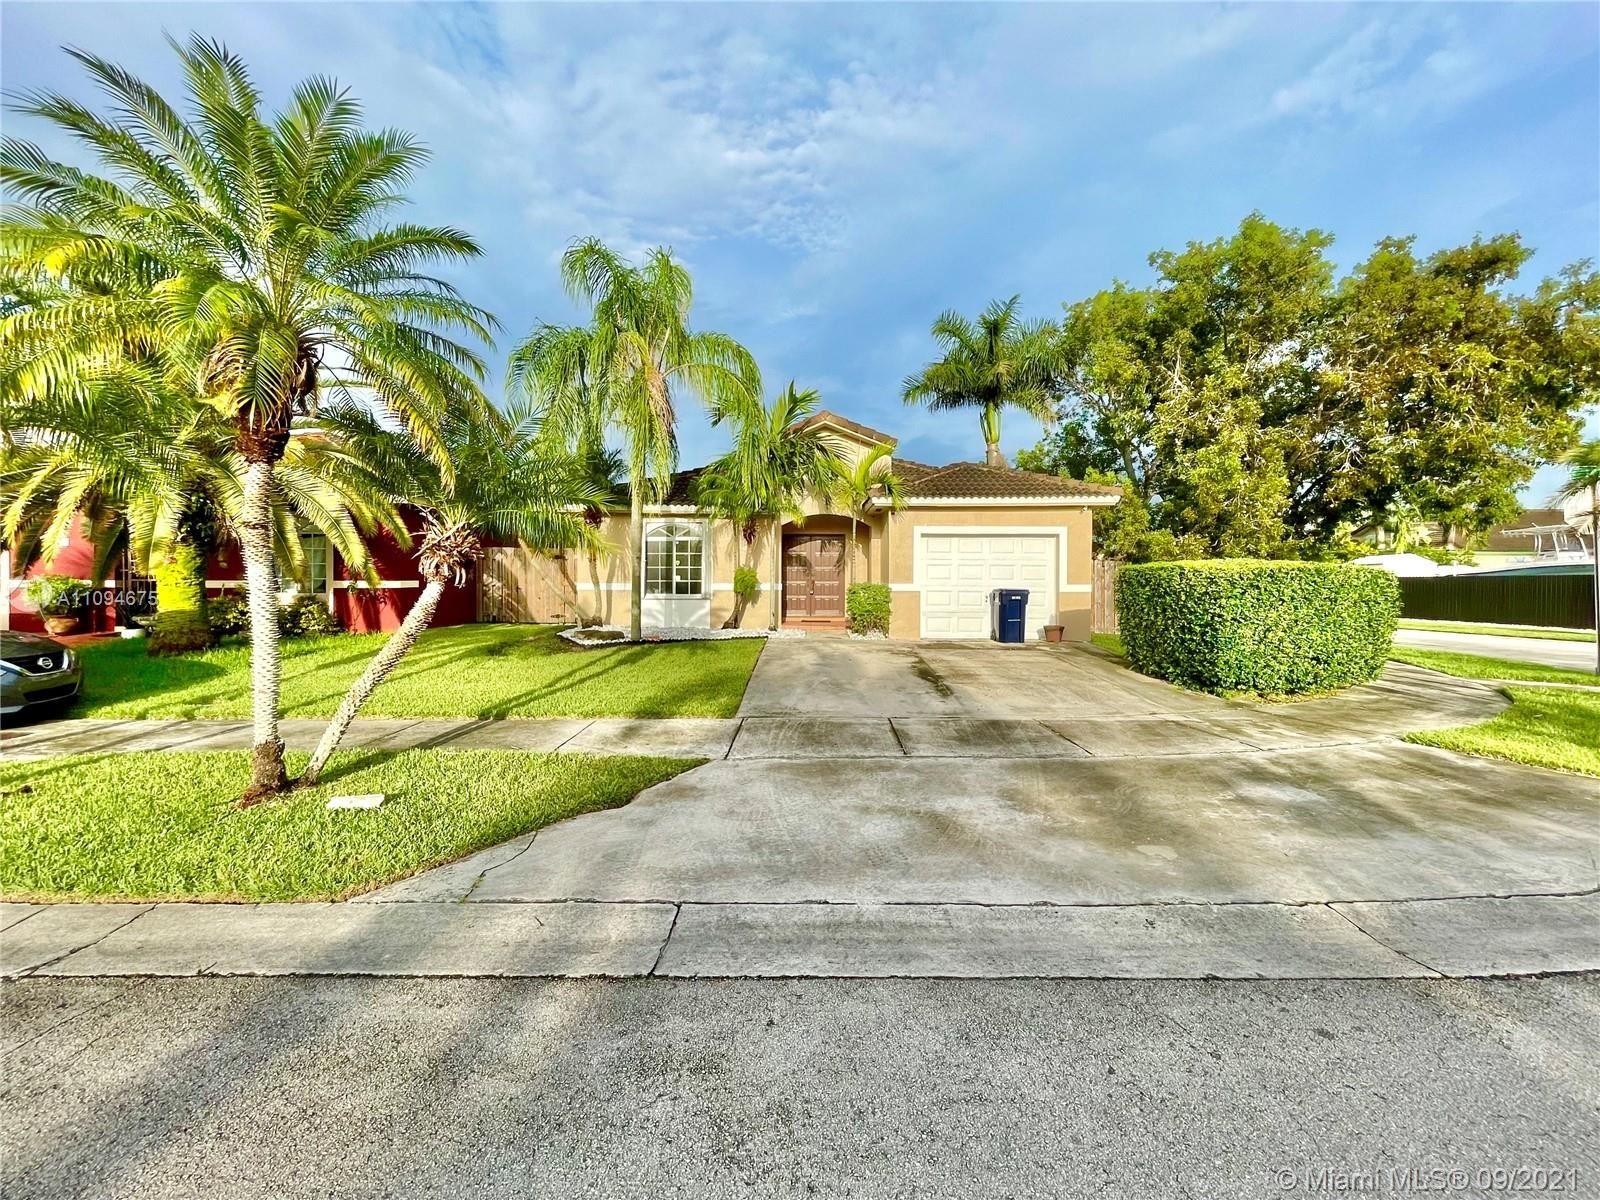 17127 SW 143rd Ct, Miami, FL 33177 - #: A11094675